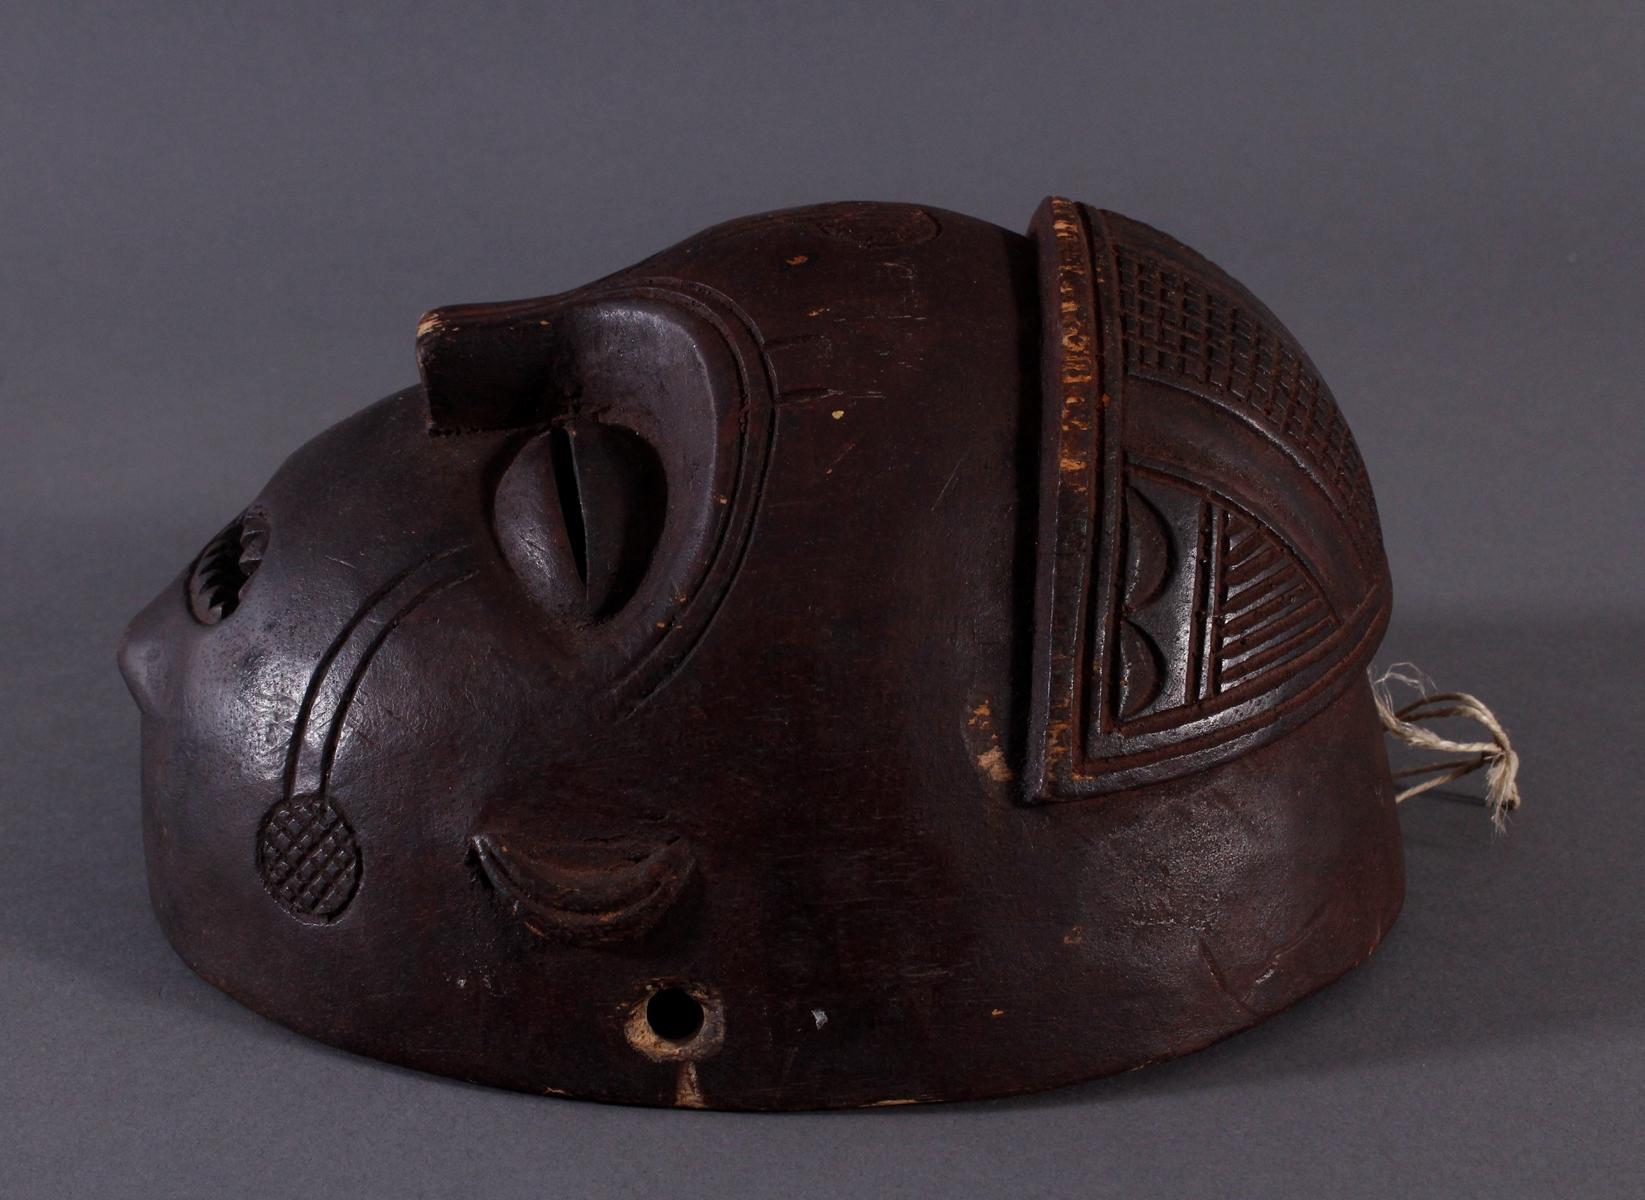 Antike Maske, Mbunda, Sambia 1. Hälfte 20. Jh.Holz geschnitzt, braune Patina, ovale Form, - Bild 3 aus 6